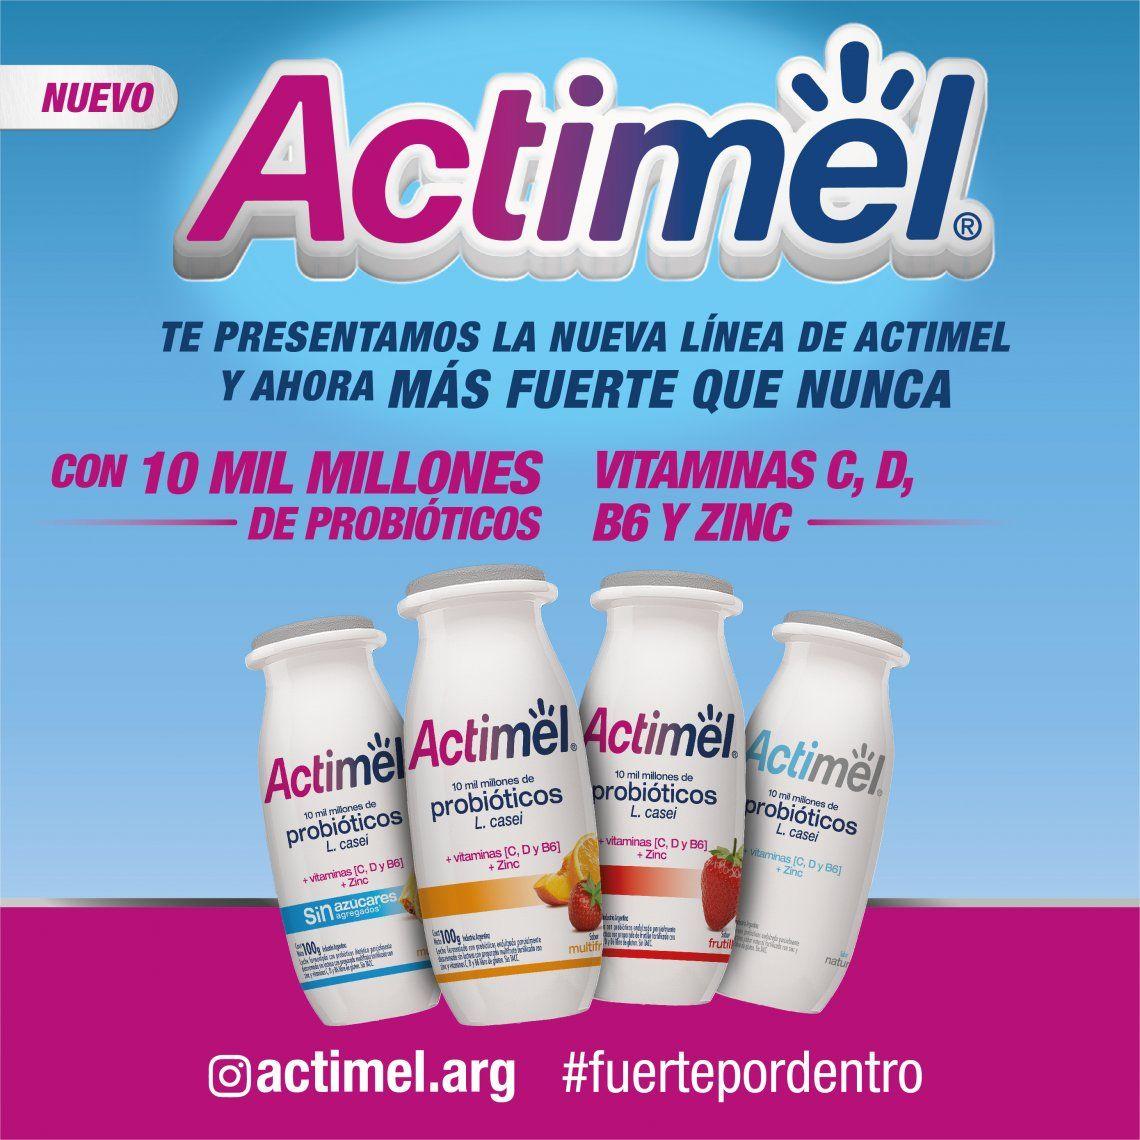 Danone renovó su línea de productos Actimel